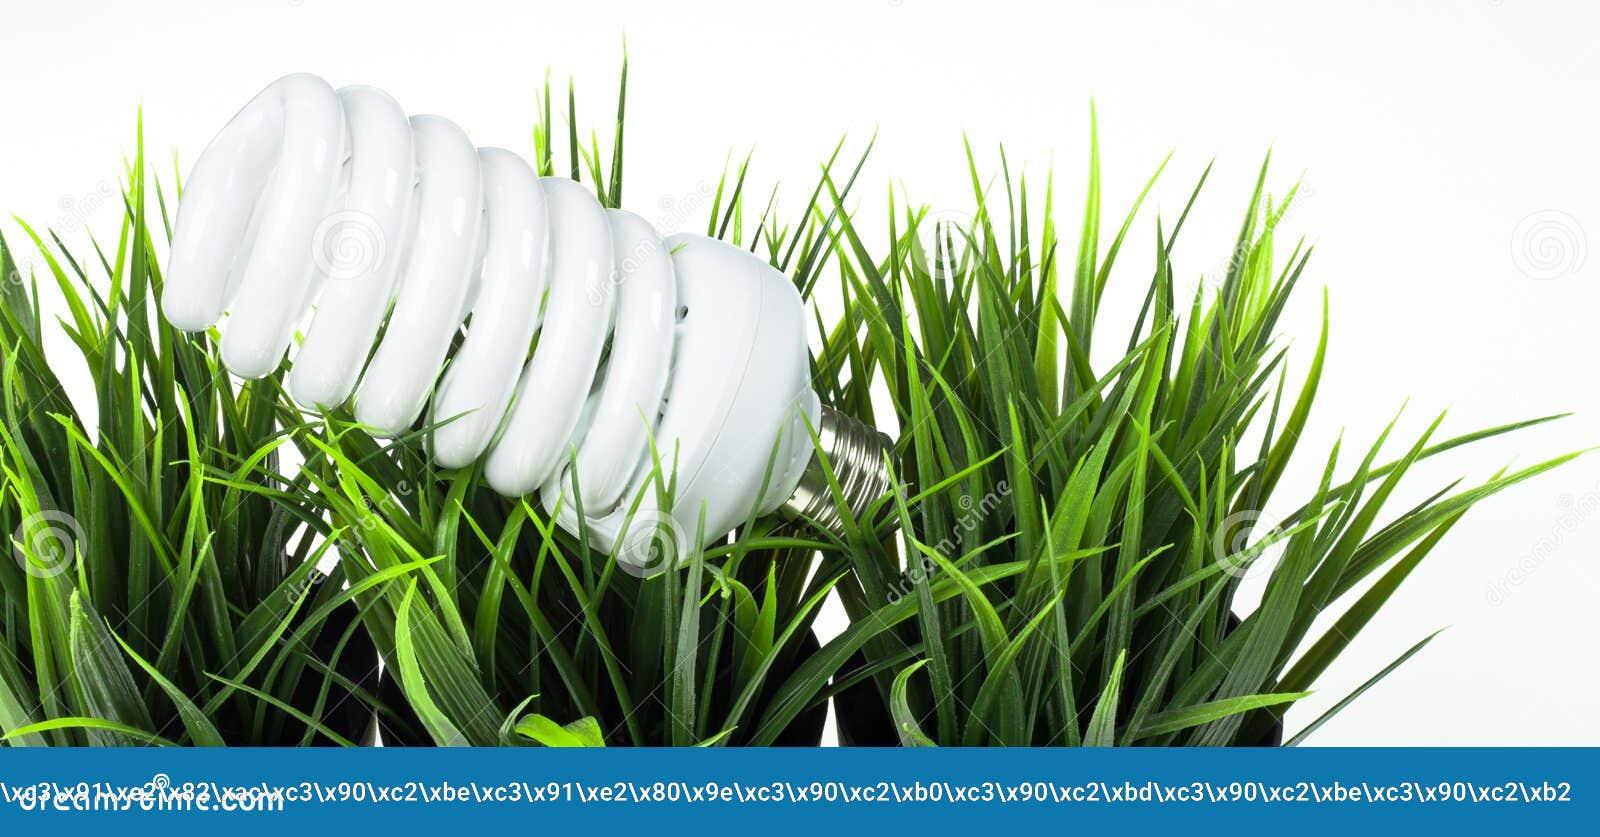 Energie - besparings gloeilamp in groen gras